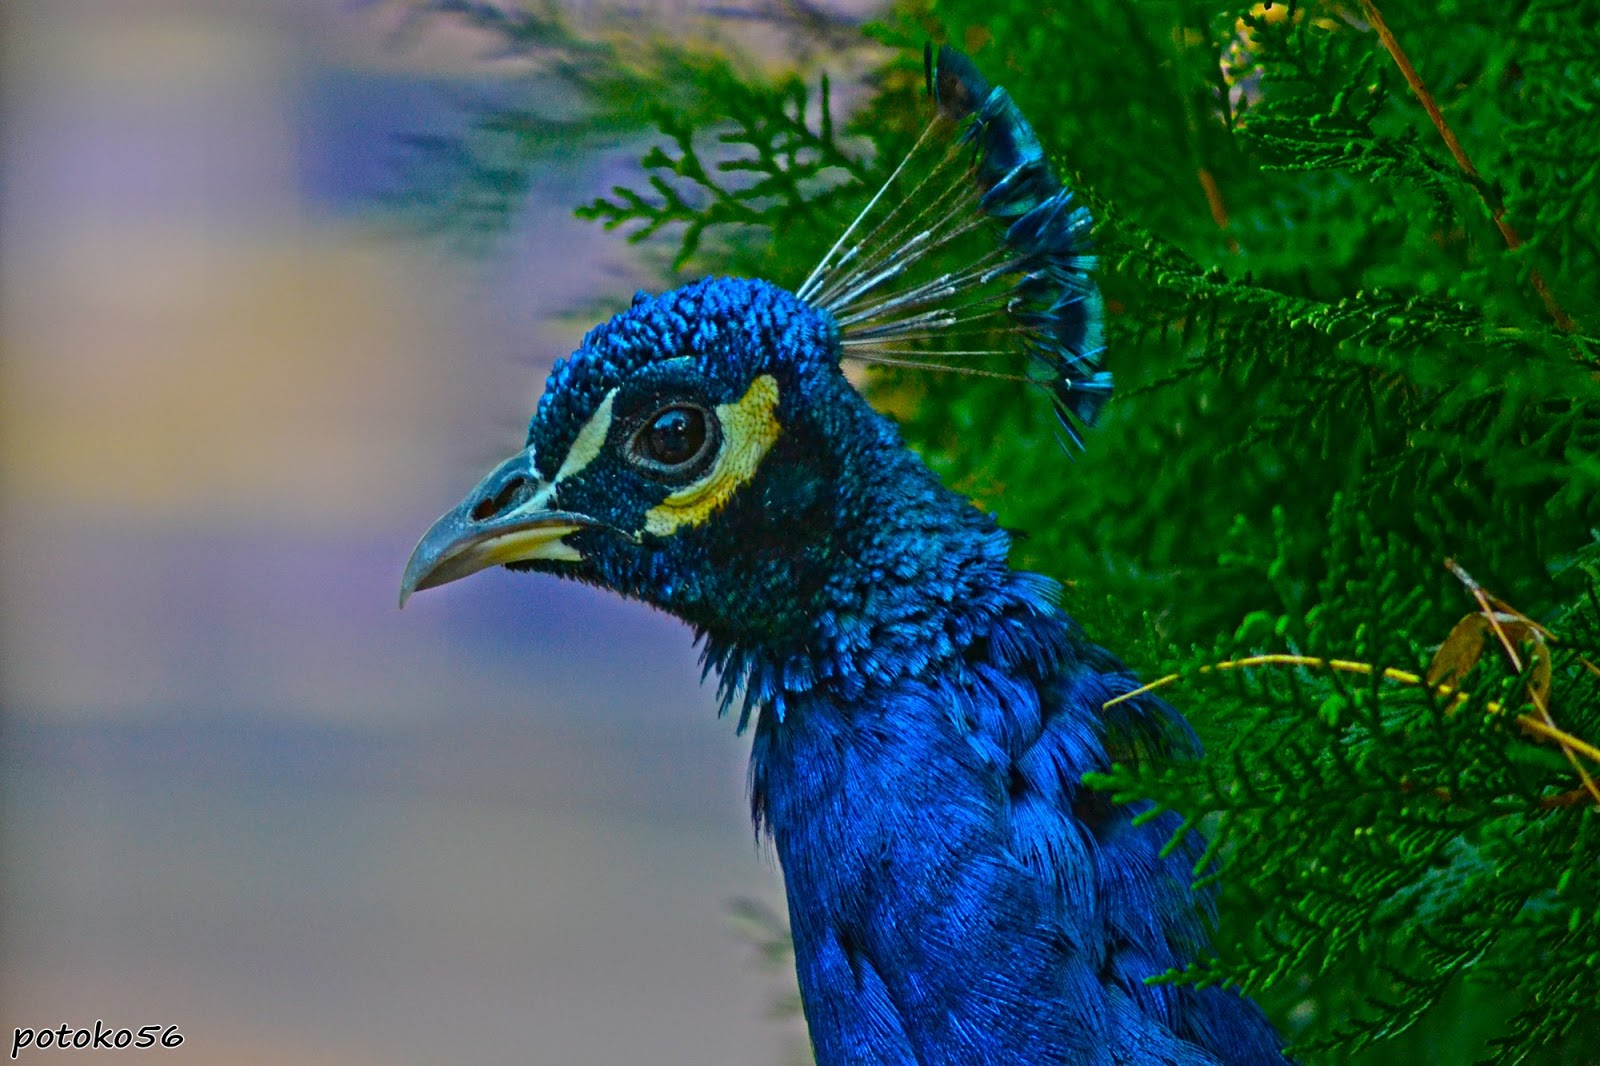 Pavo real parque del mayeto galer a de im genes de potoko56 - Fotos de un pavo real ...